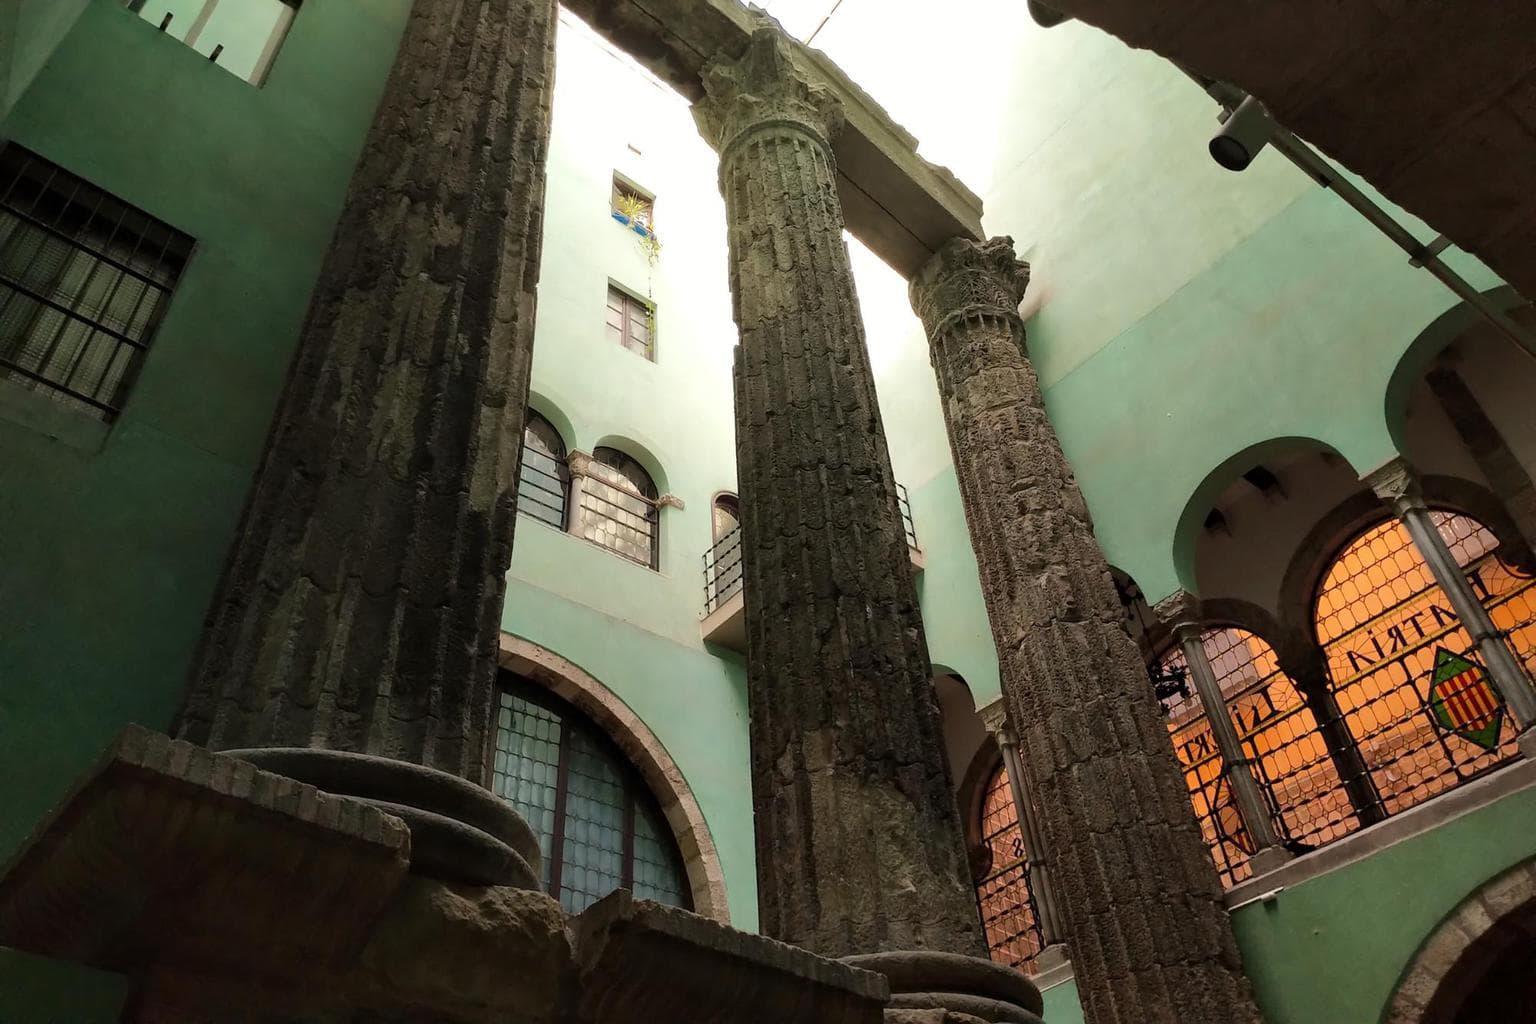 Palau de la Generalitat columns